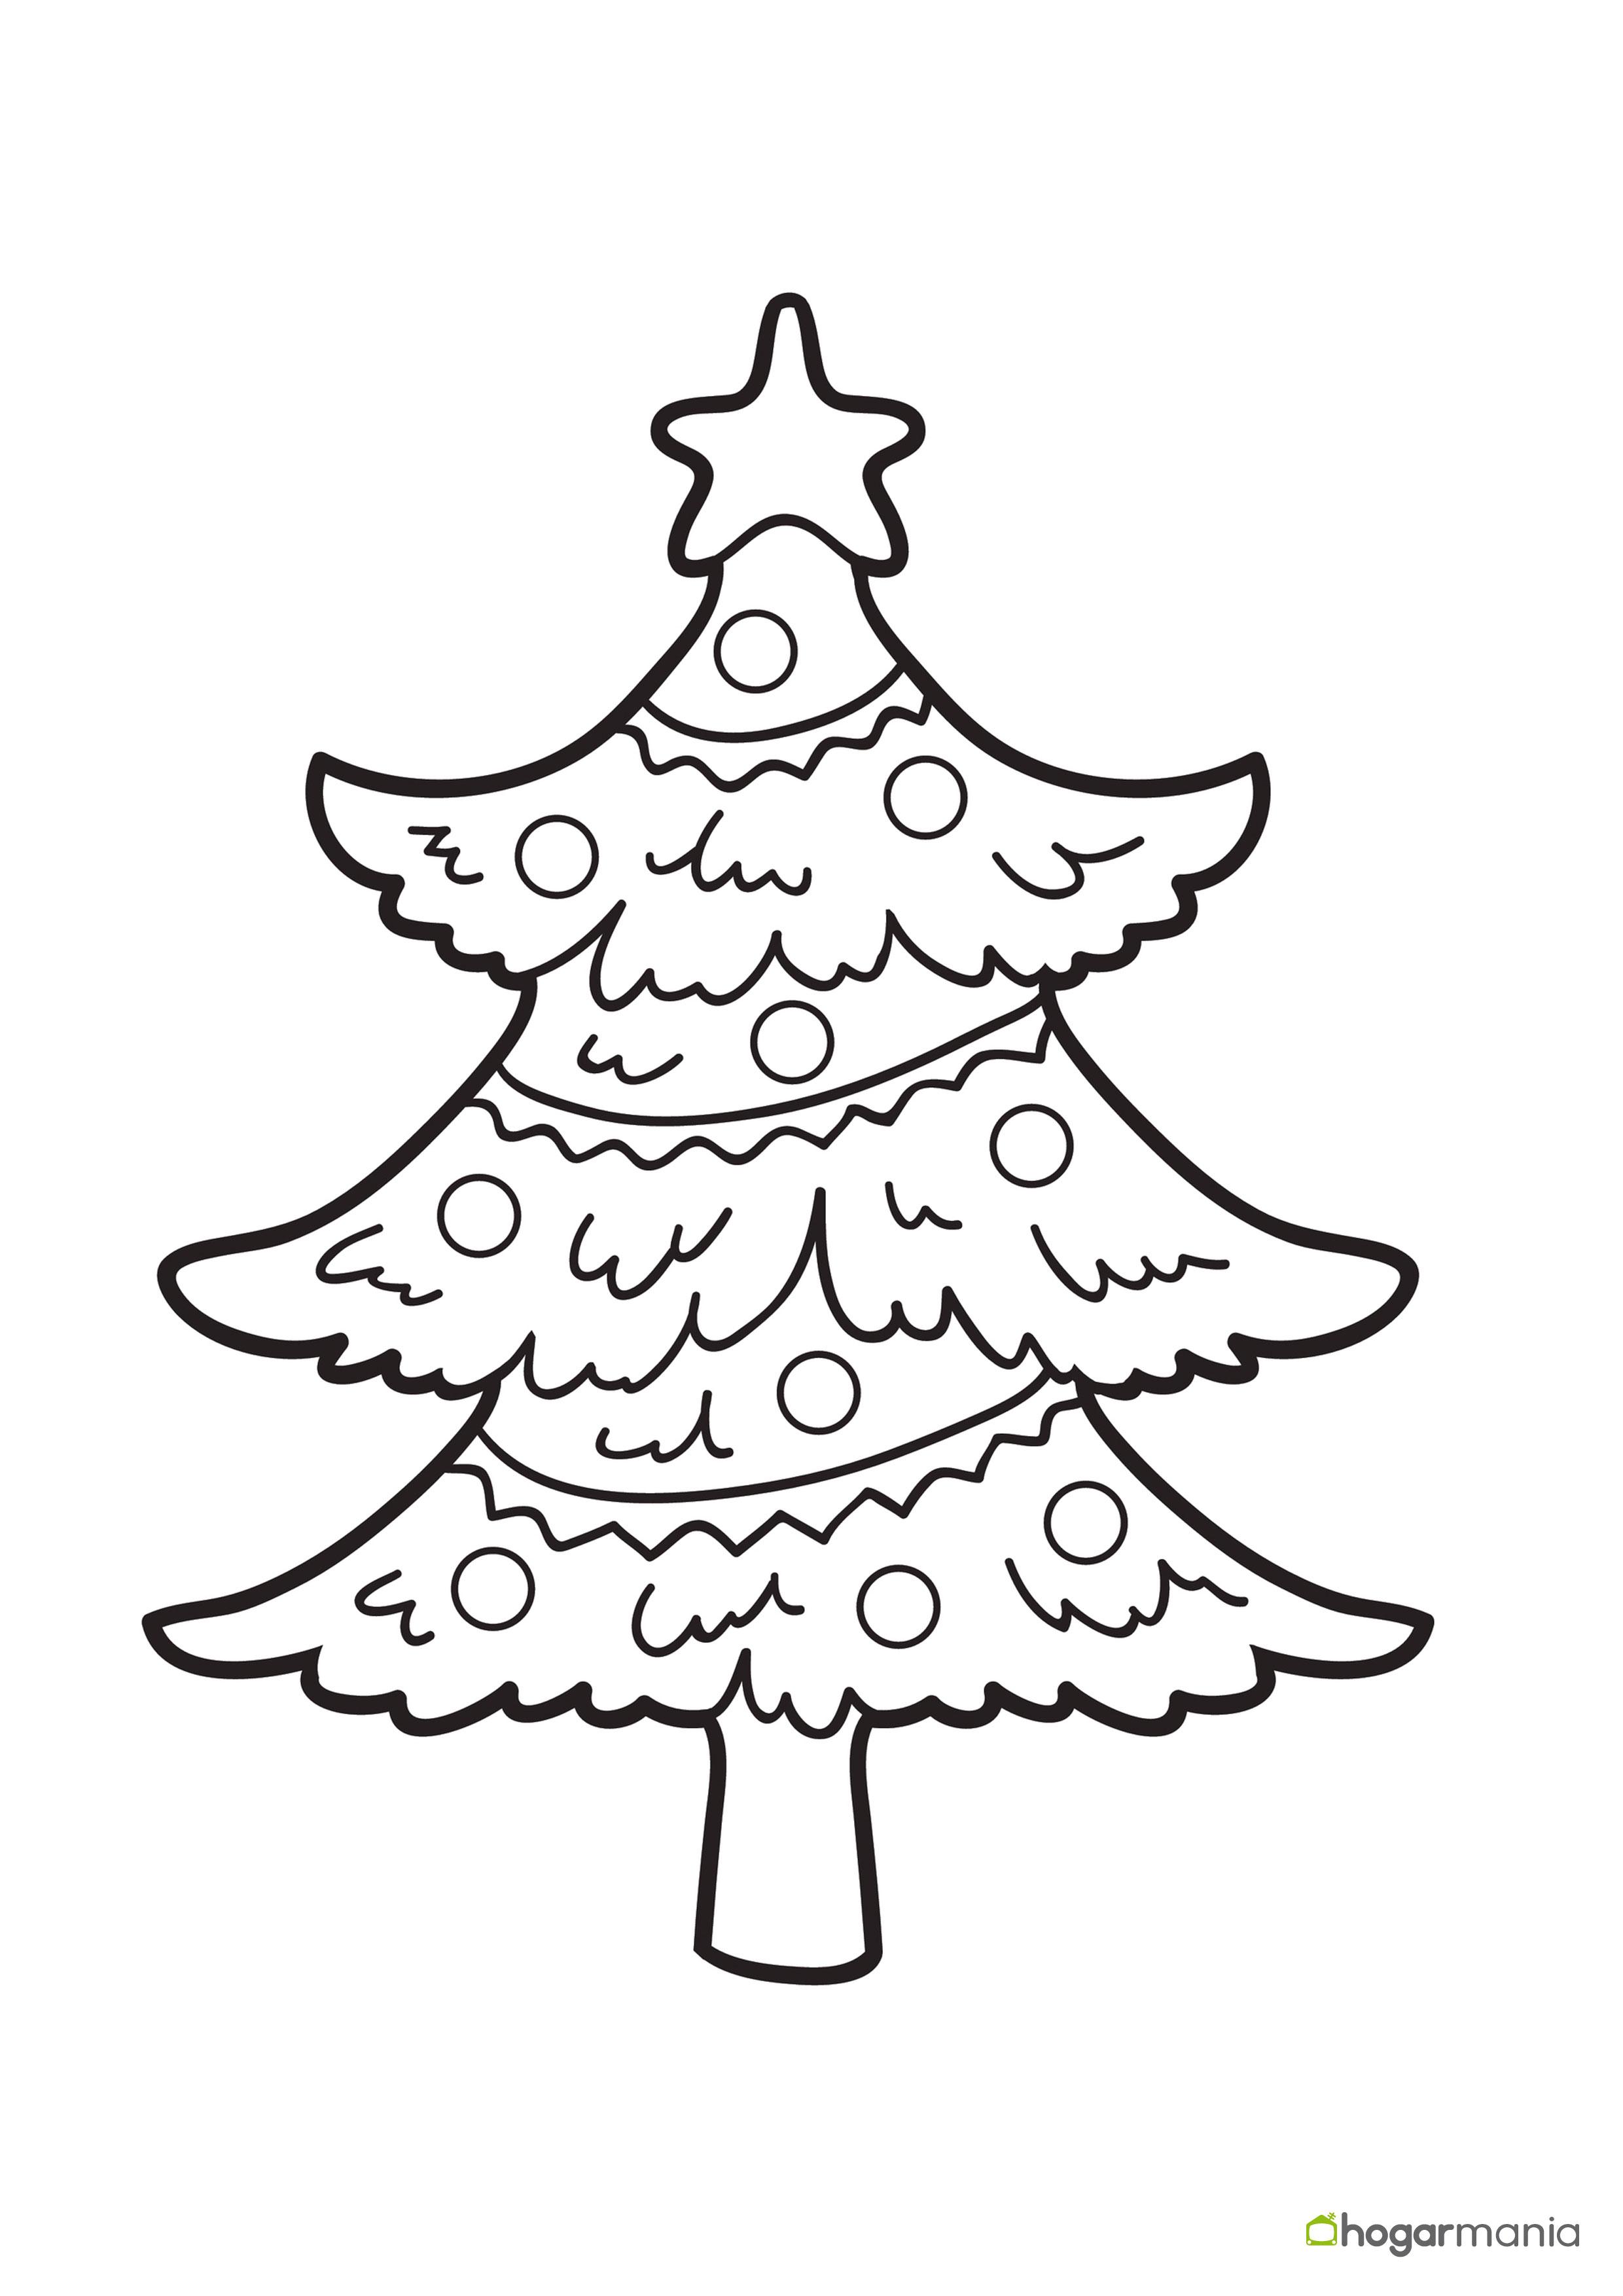 Dibujos navideños para pintar o colorear - Niños decorando el árbol